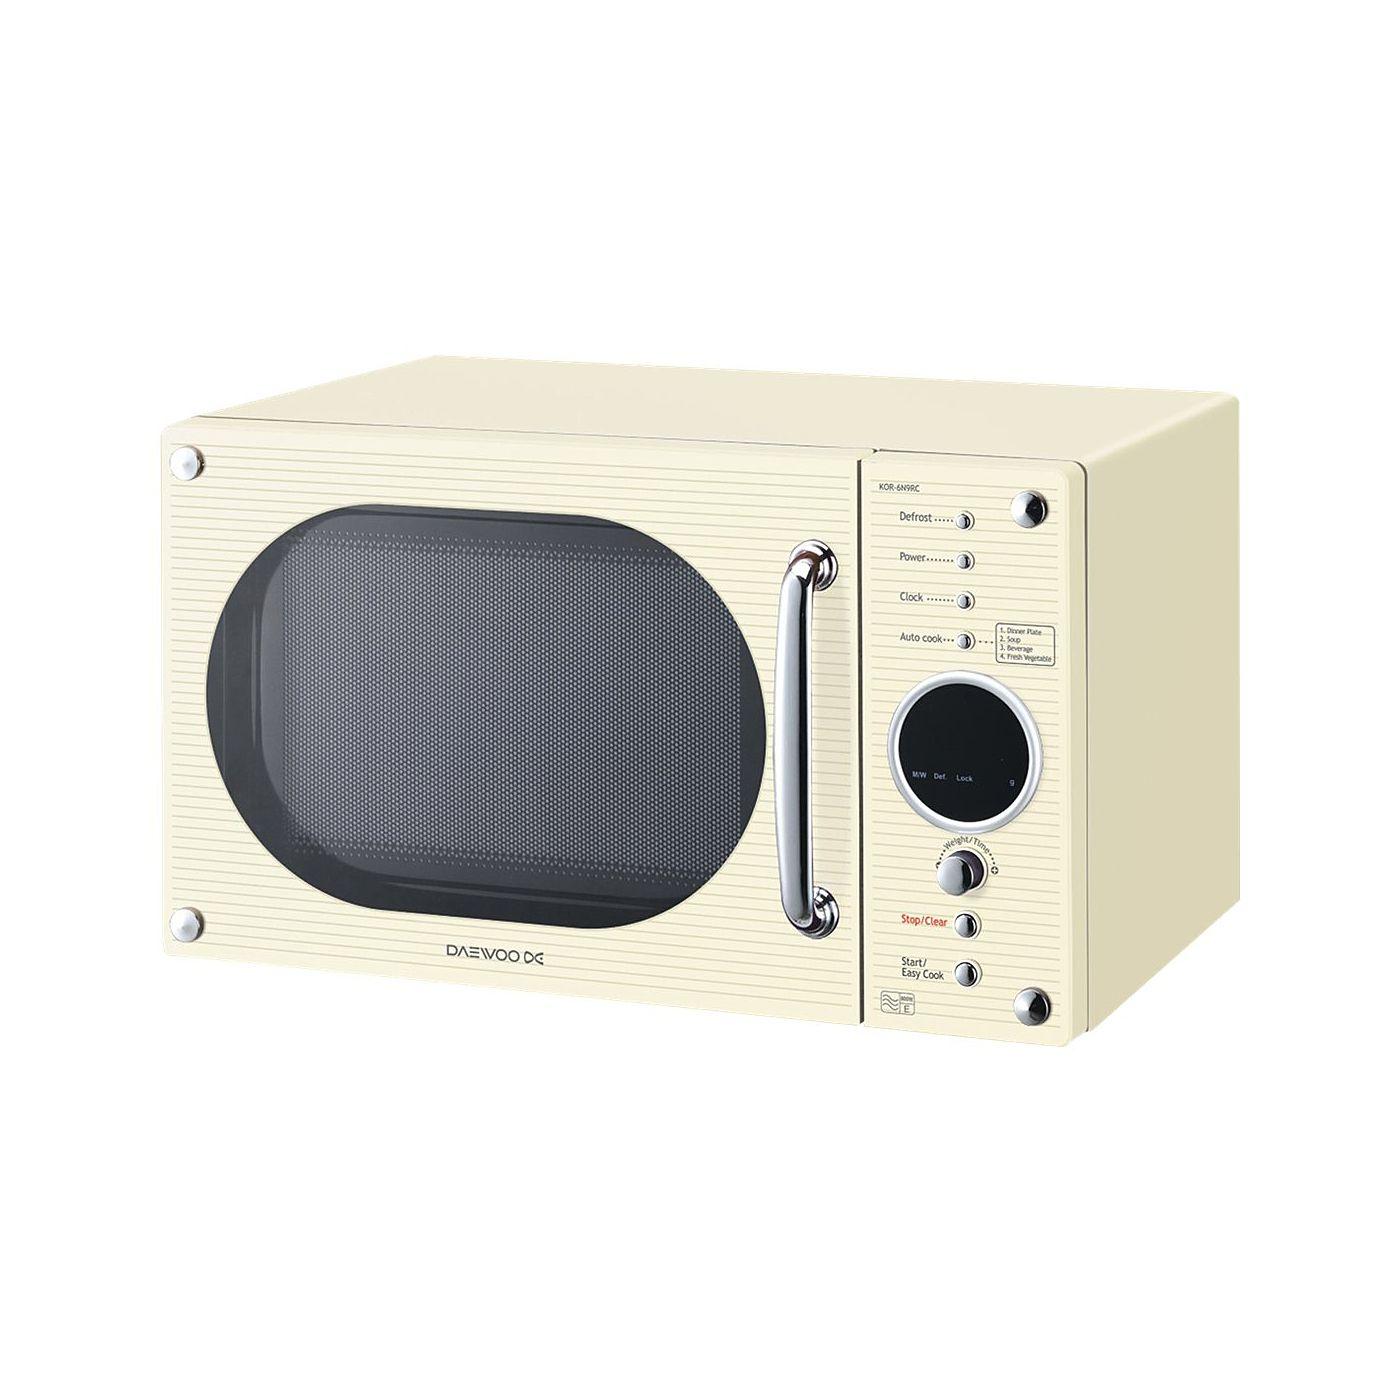 Daewoo KOR6N9RC 20L 800W Digital Microwave Oven - Cream | Microwaves